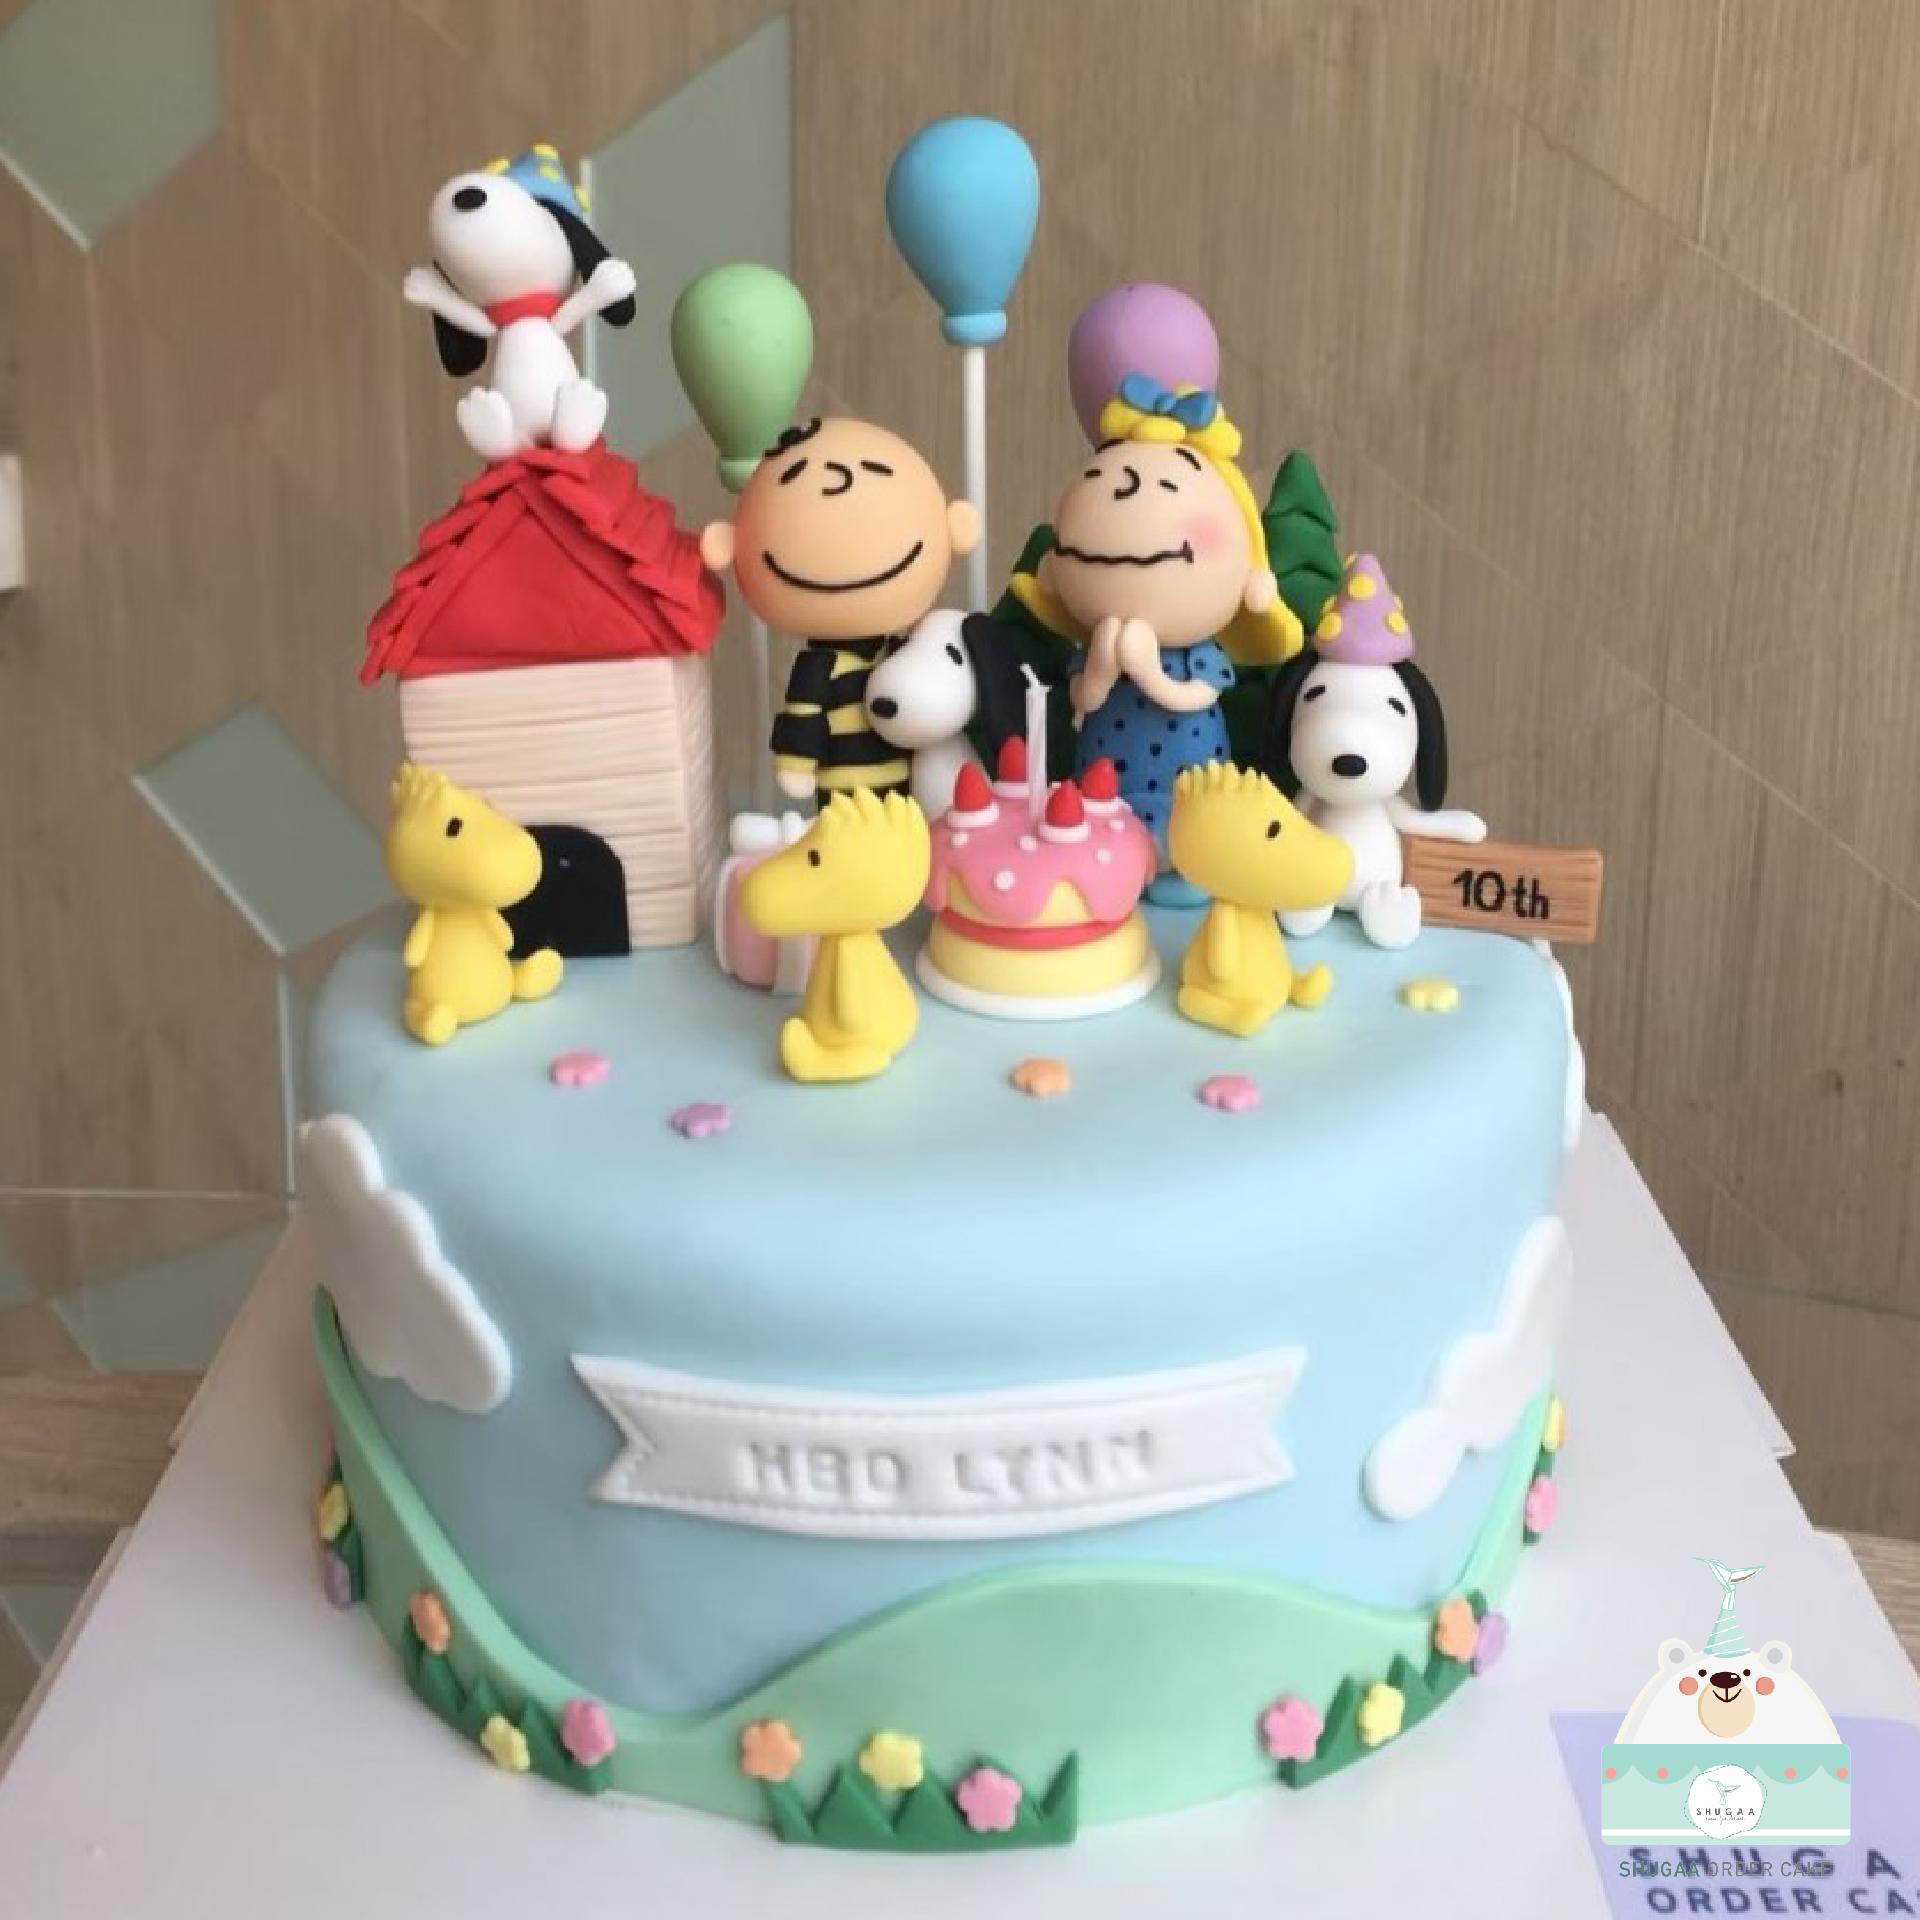 เค้กสนูปปี้ - Snoopy Cake